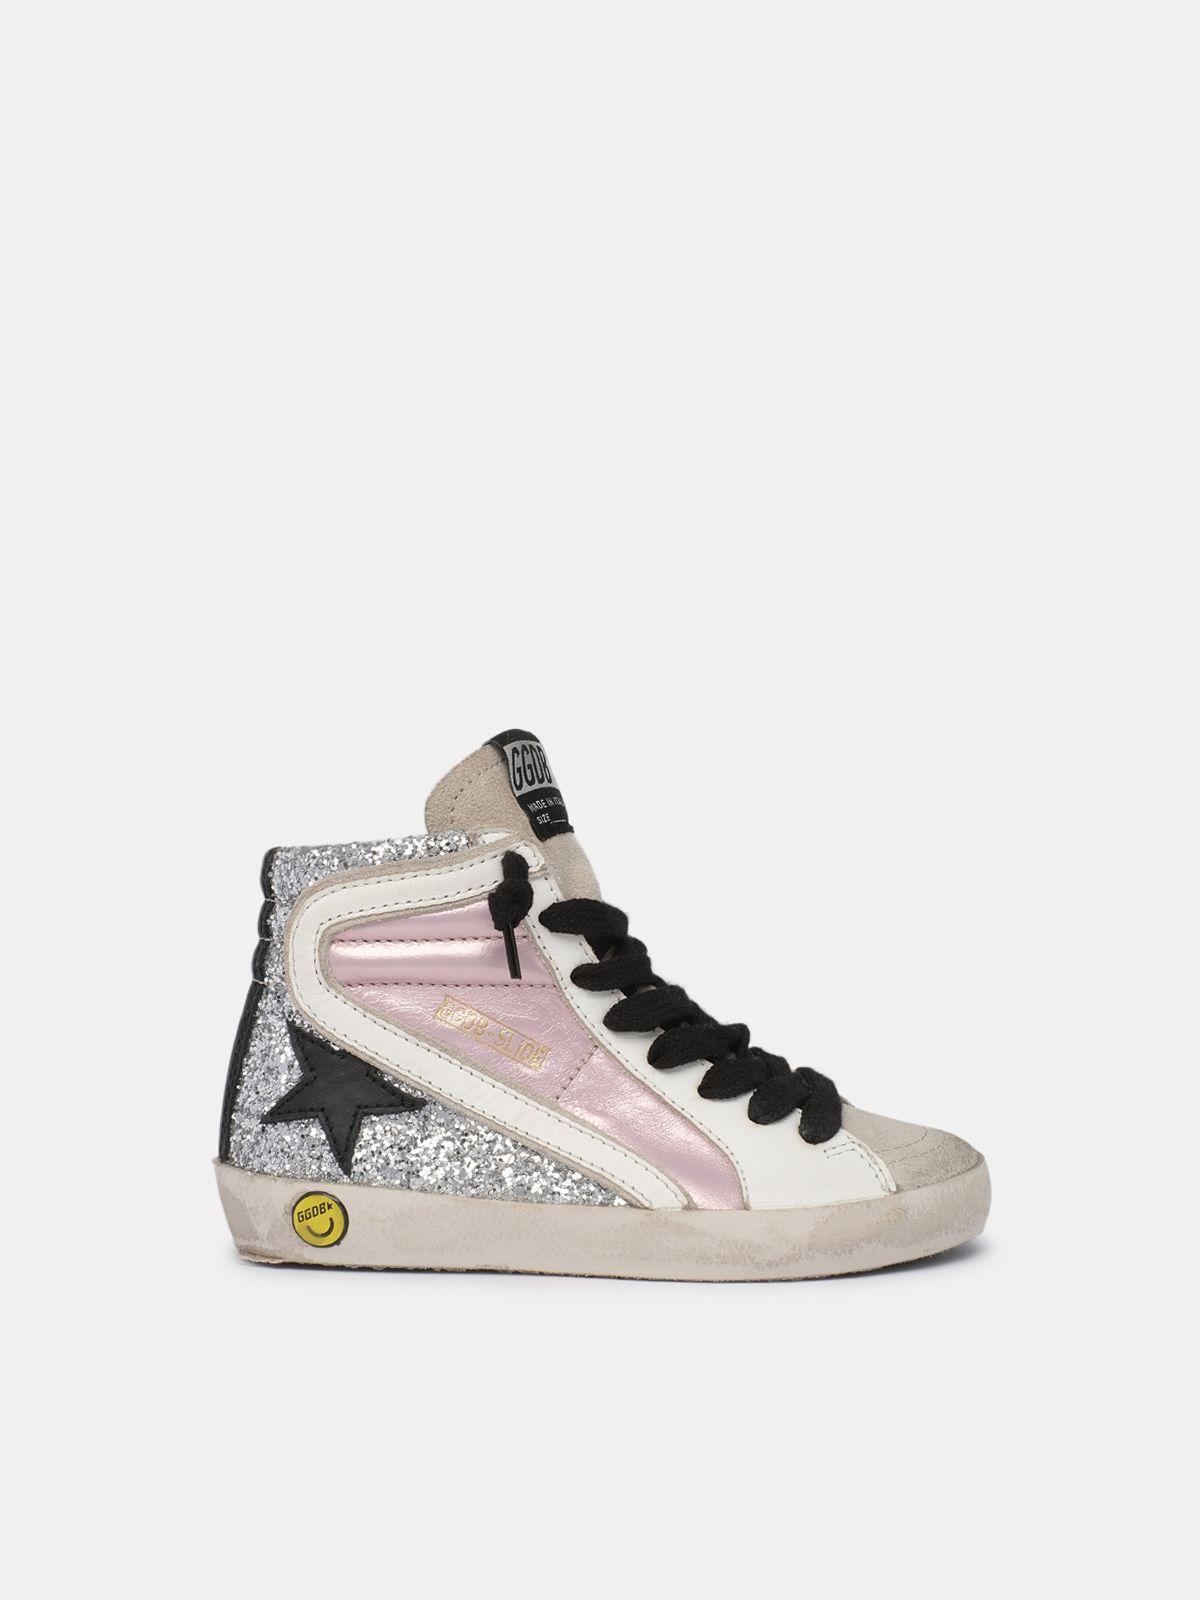 Golden Goose - Sneakers Slide con tomaia glitter e inserto in pelle rosa lamitato in